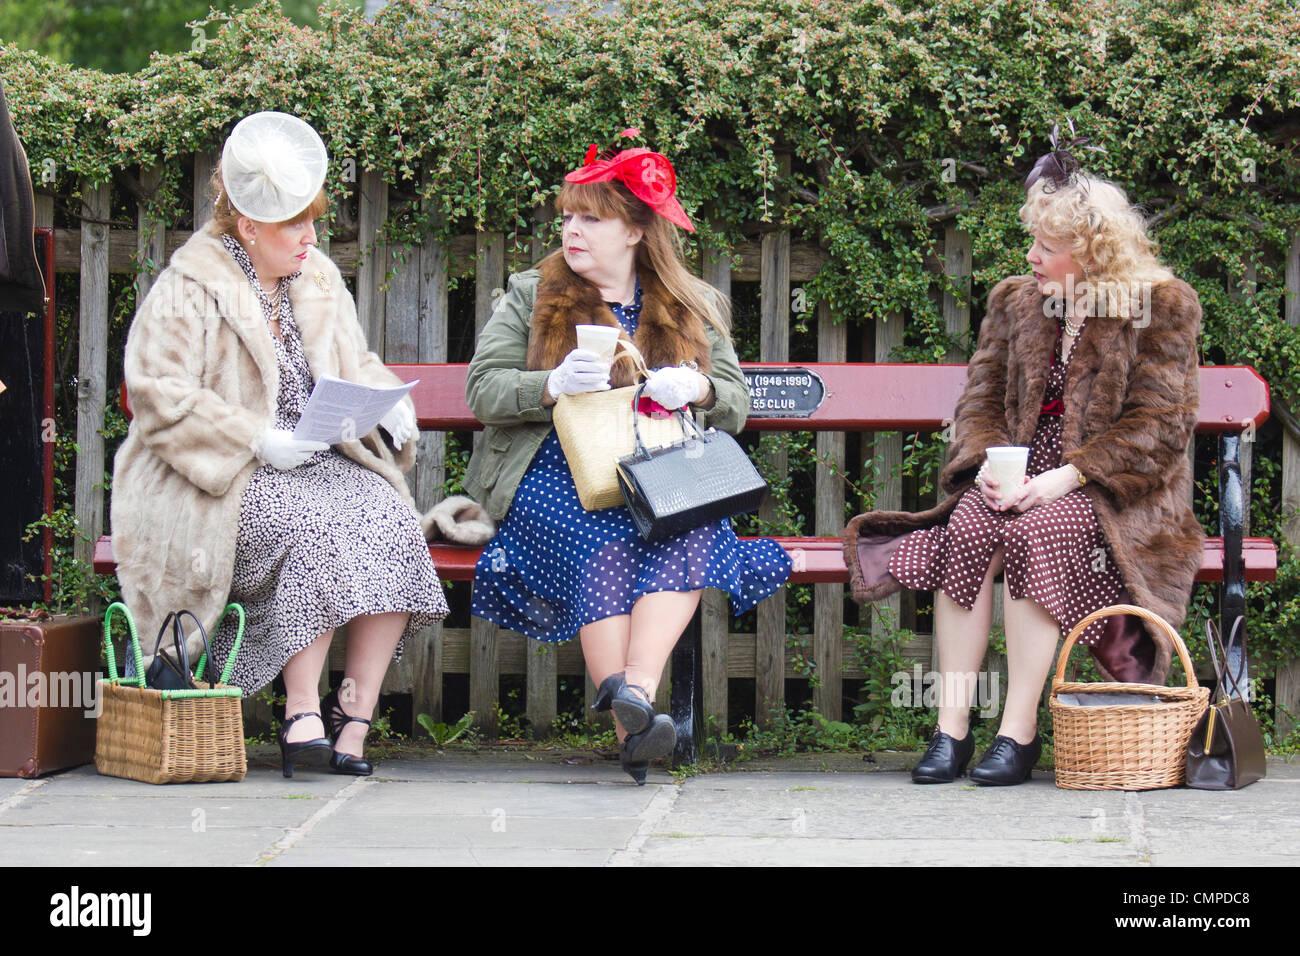 Old ladies club